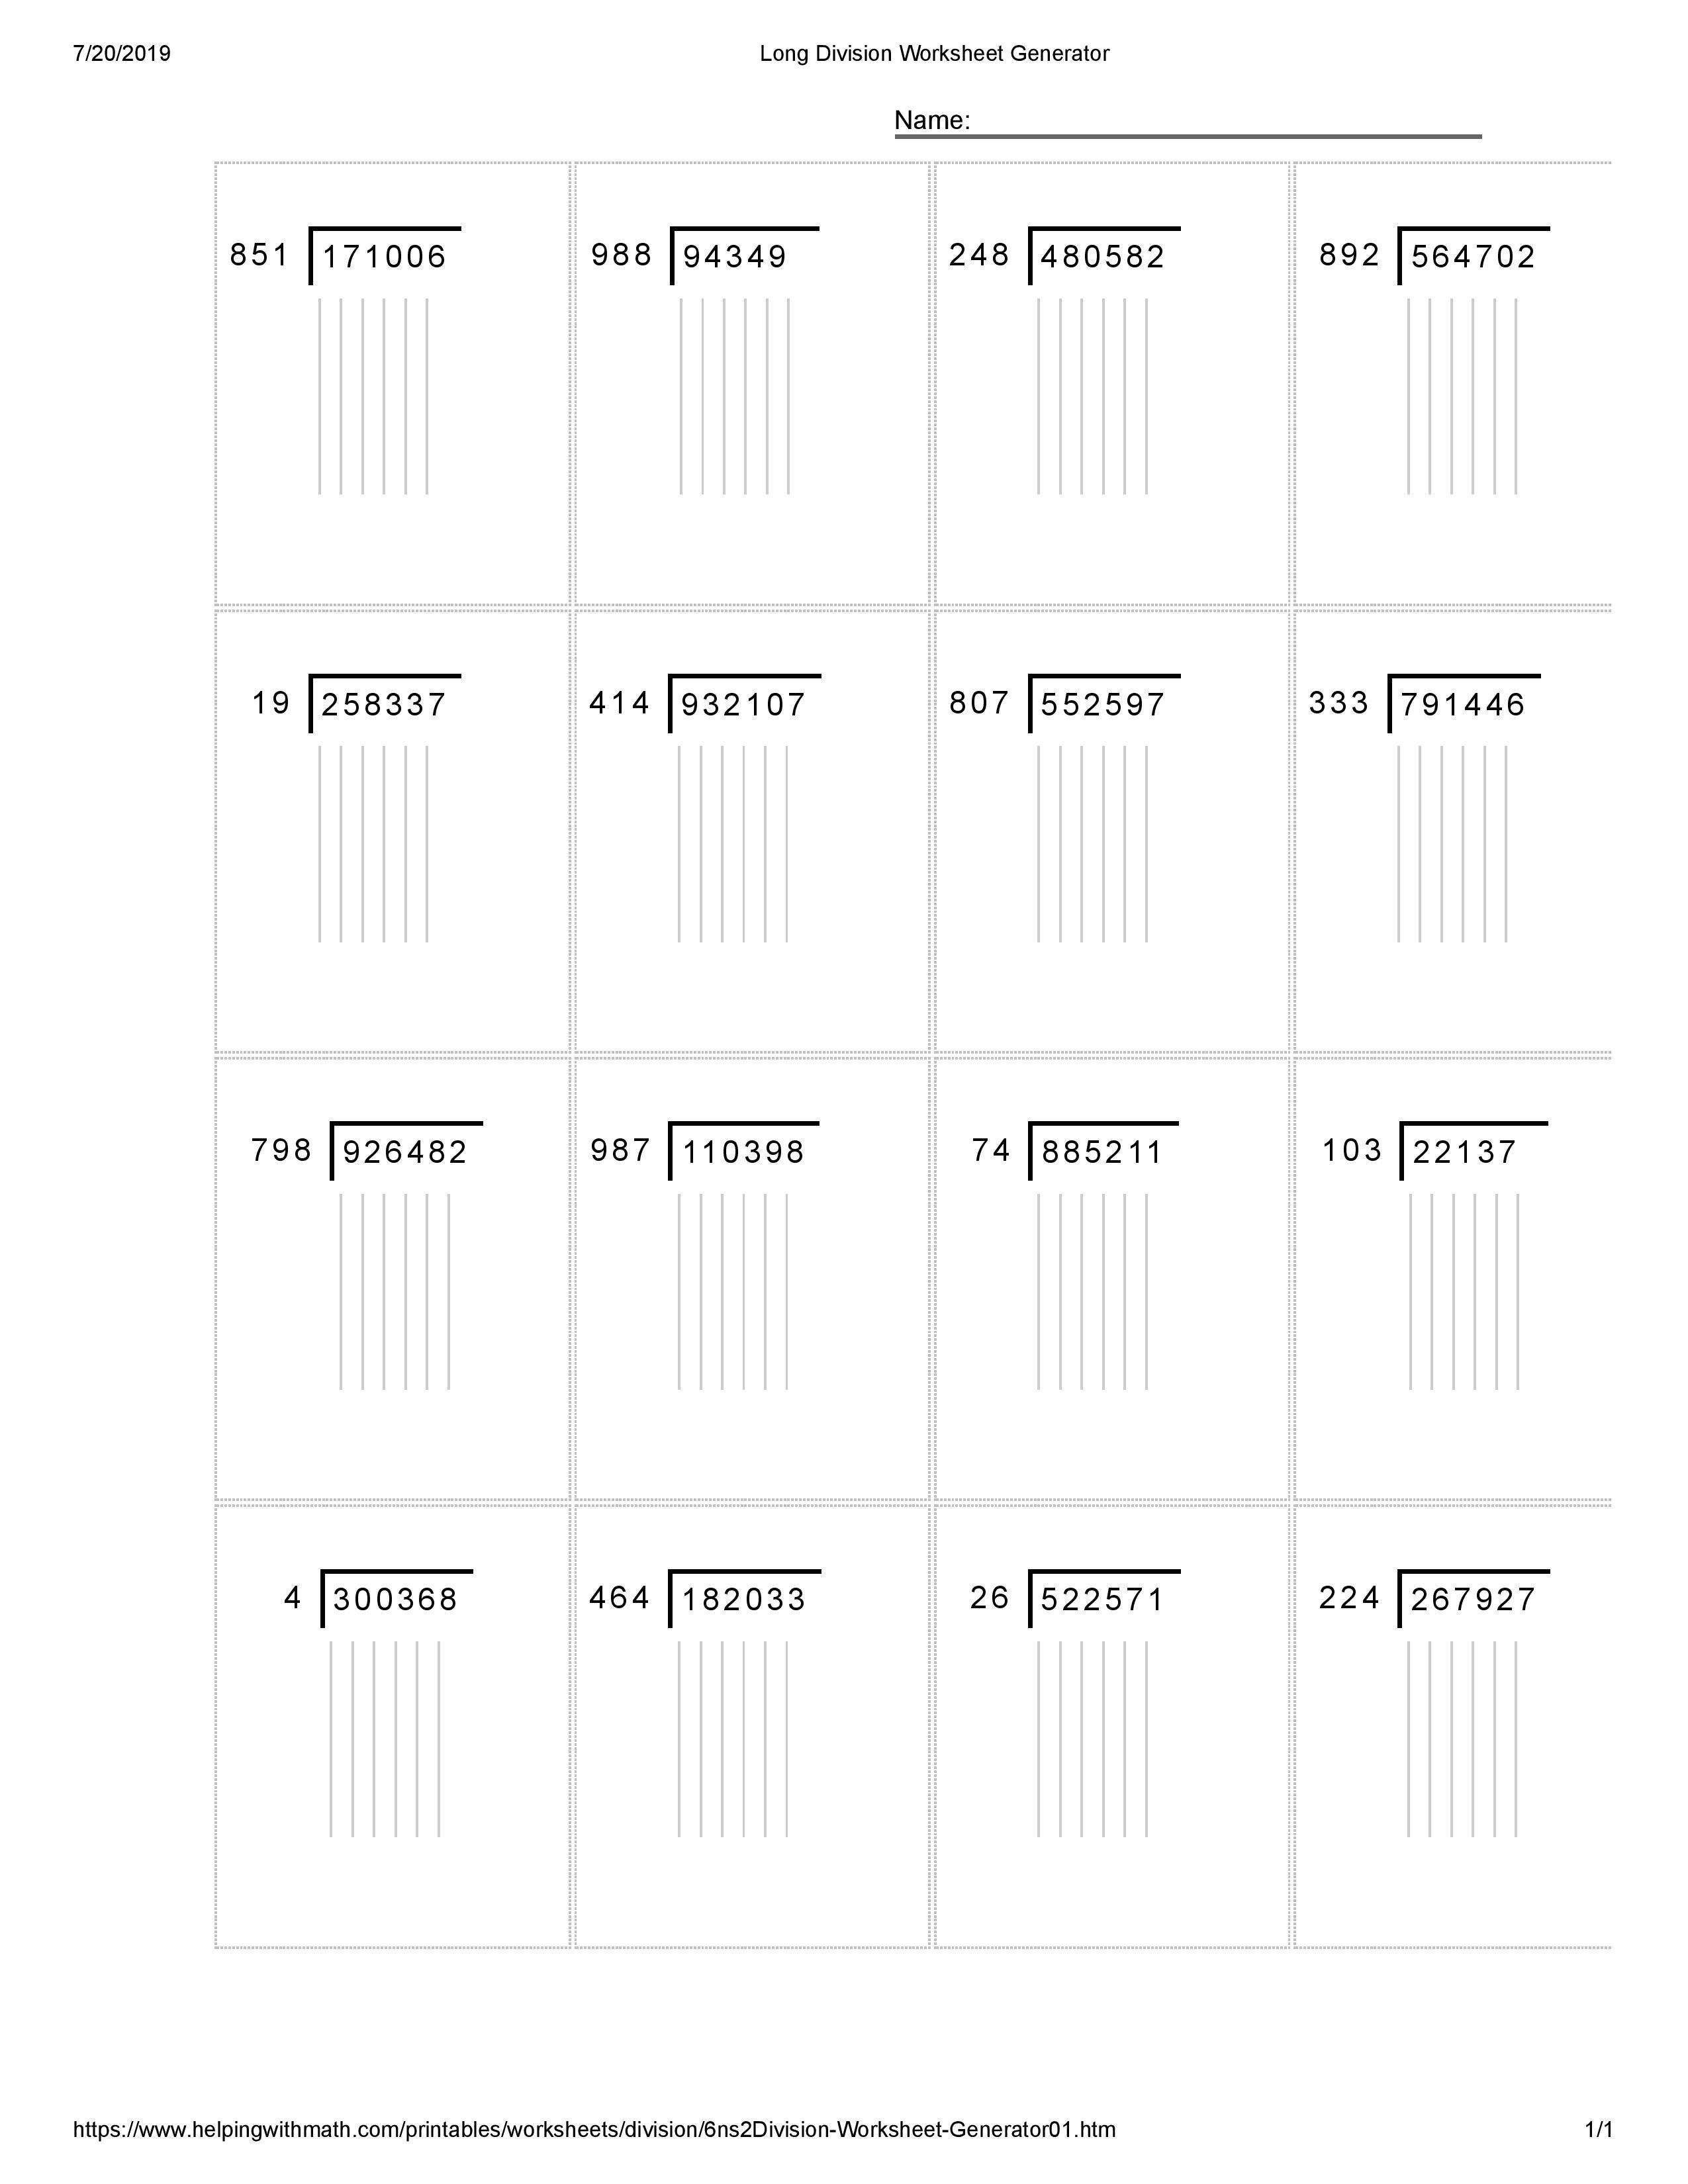 Best 15 Long Division Worksheet